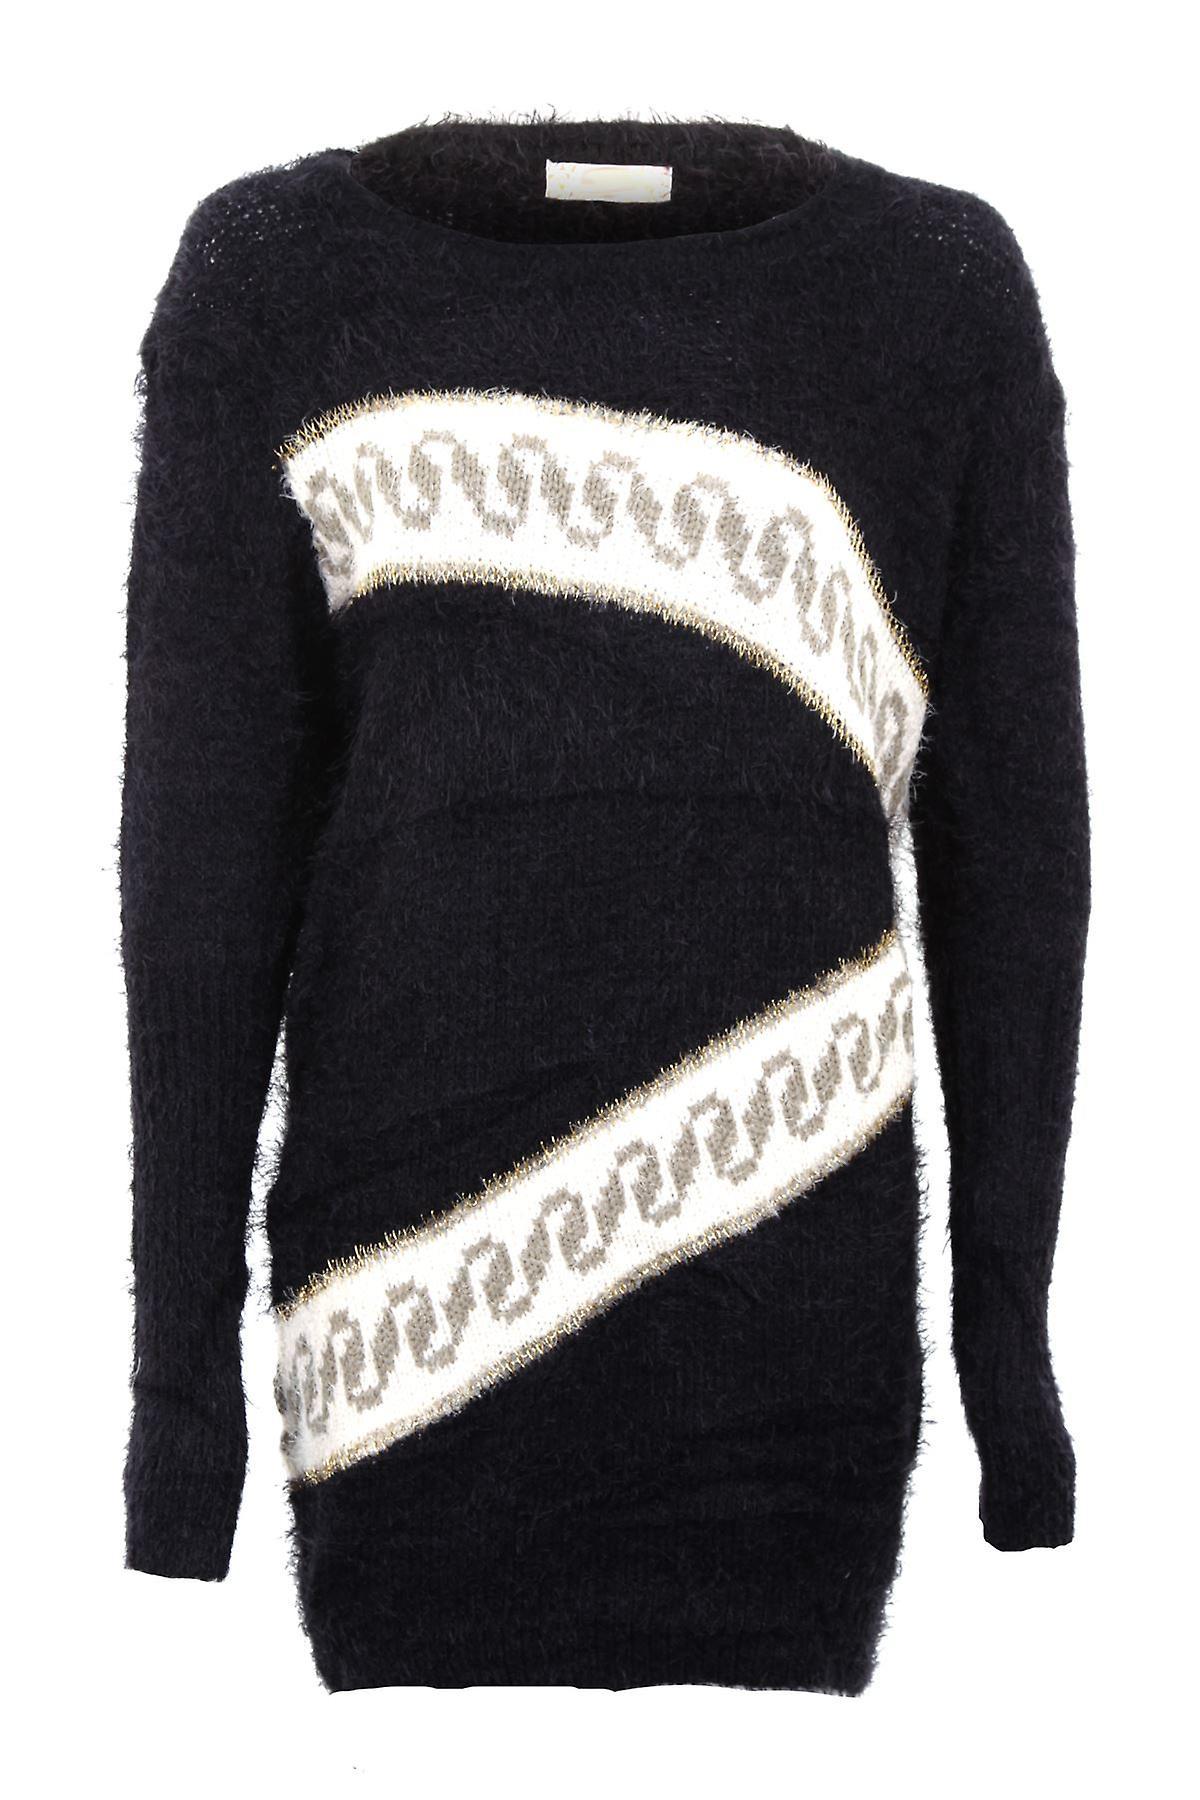 Naisten pitkähihainen siksak tulostaa turkis lämmin talvi pusero naisten pusero